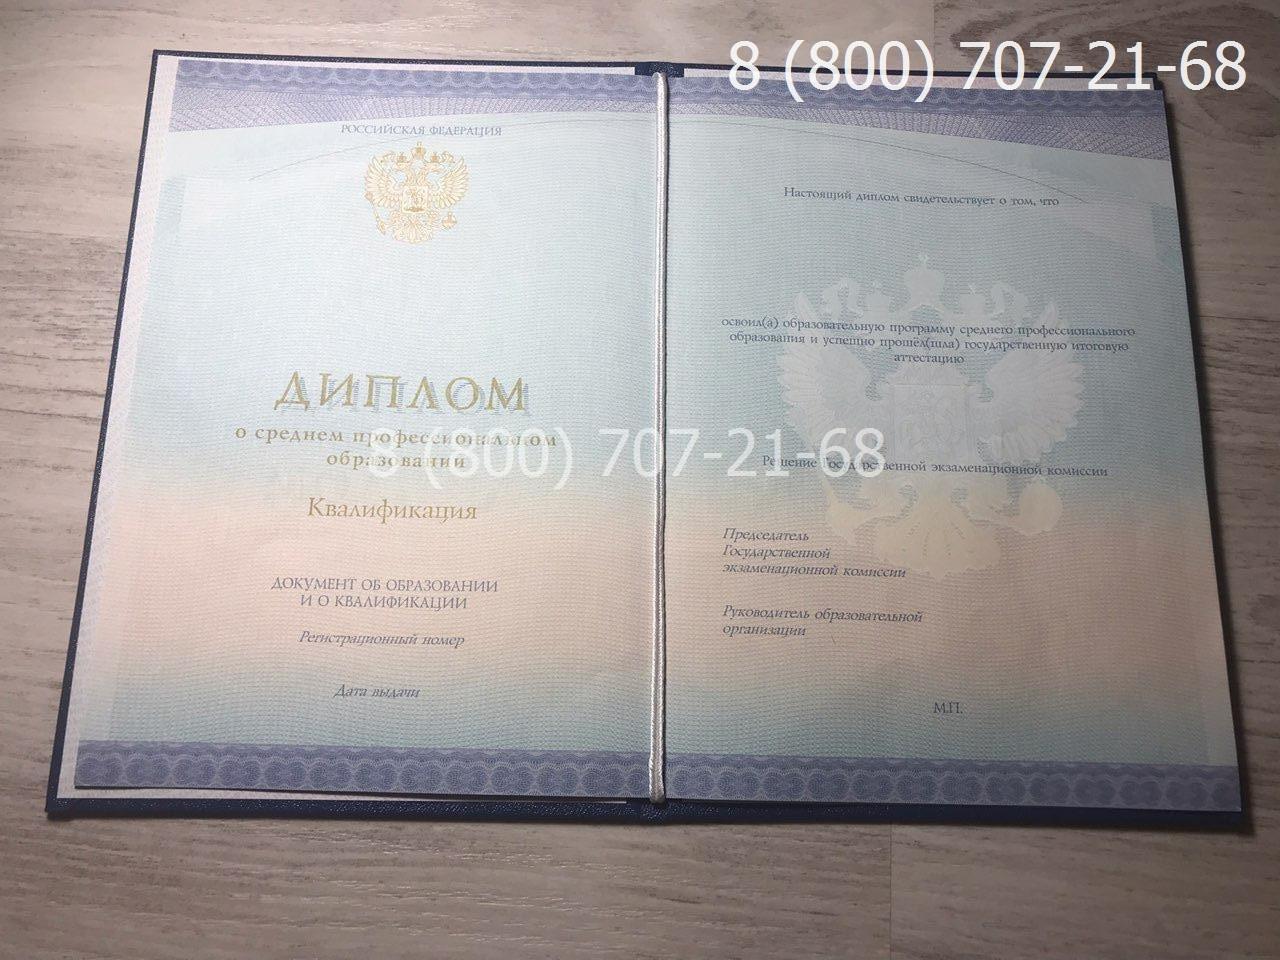 Диплом техникума 2014-2019 года 1